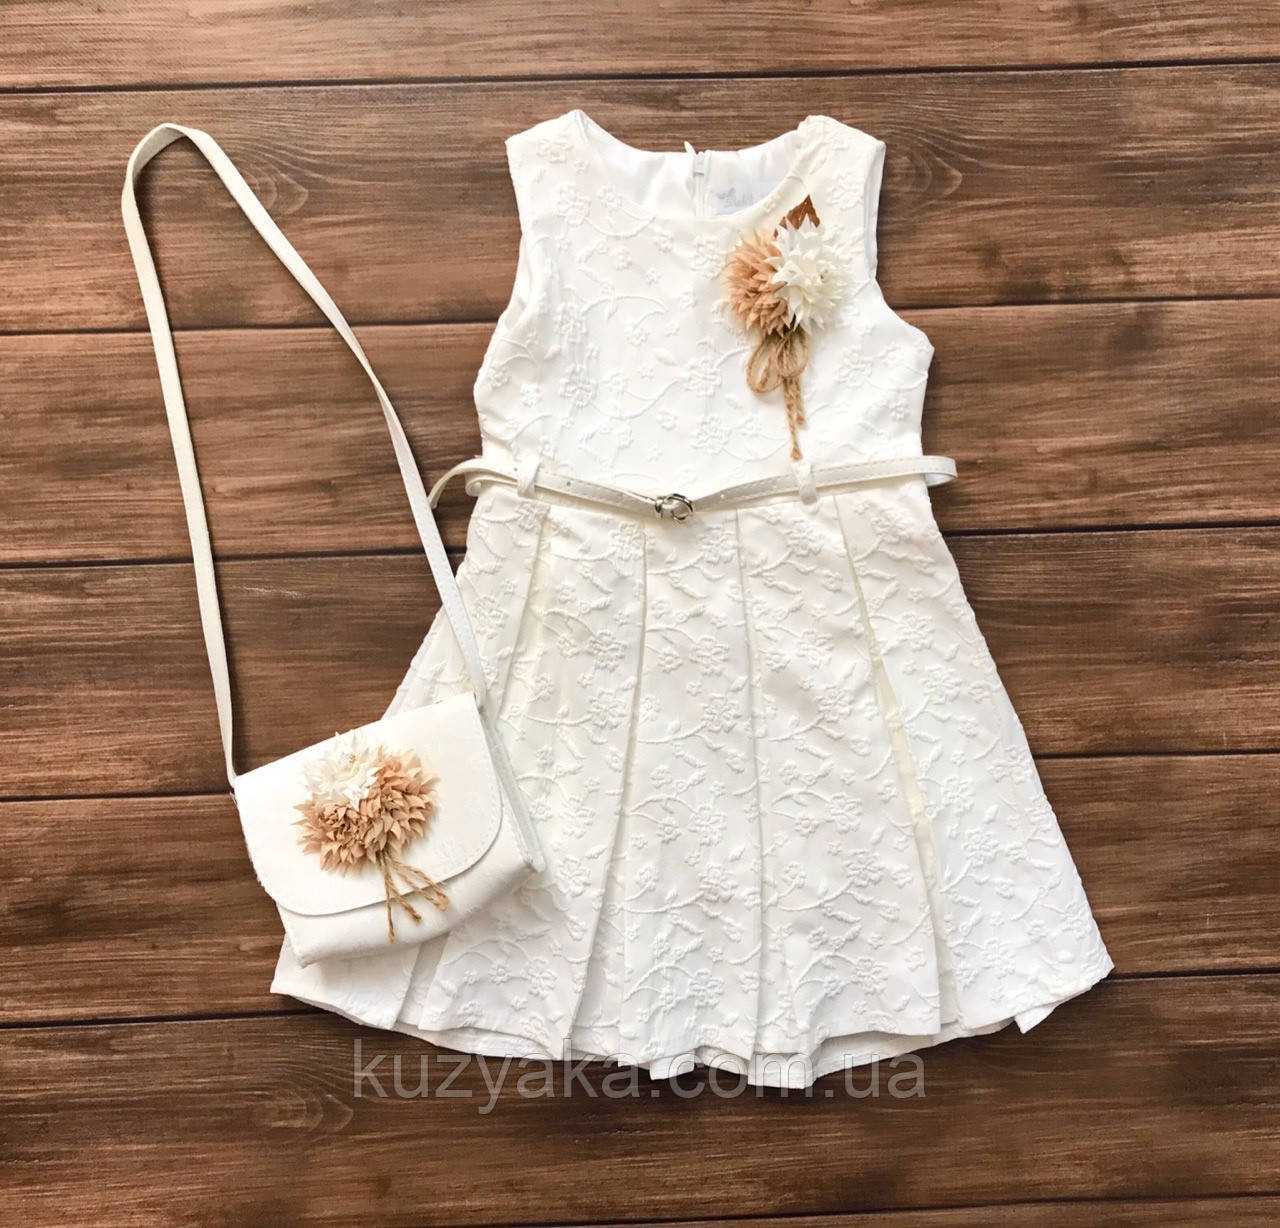 Дитяча святкова сукня на 5-8 років, сукня на випускний в садок